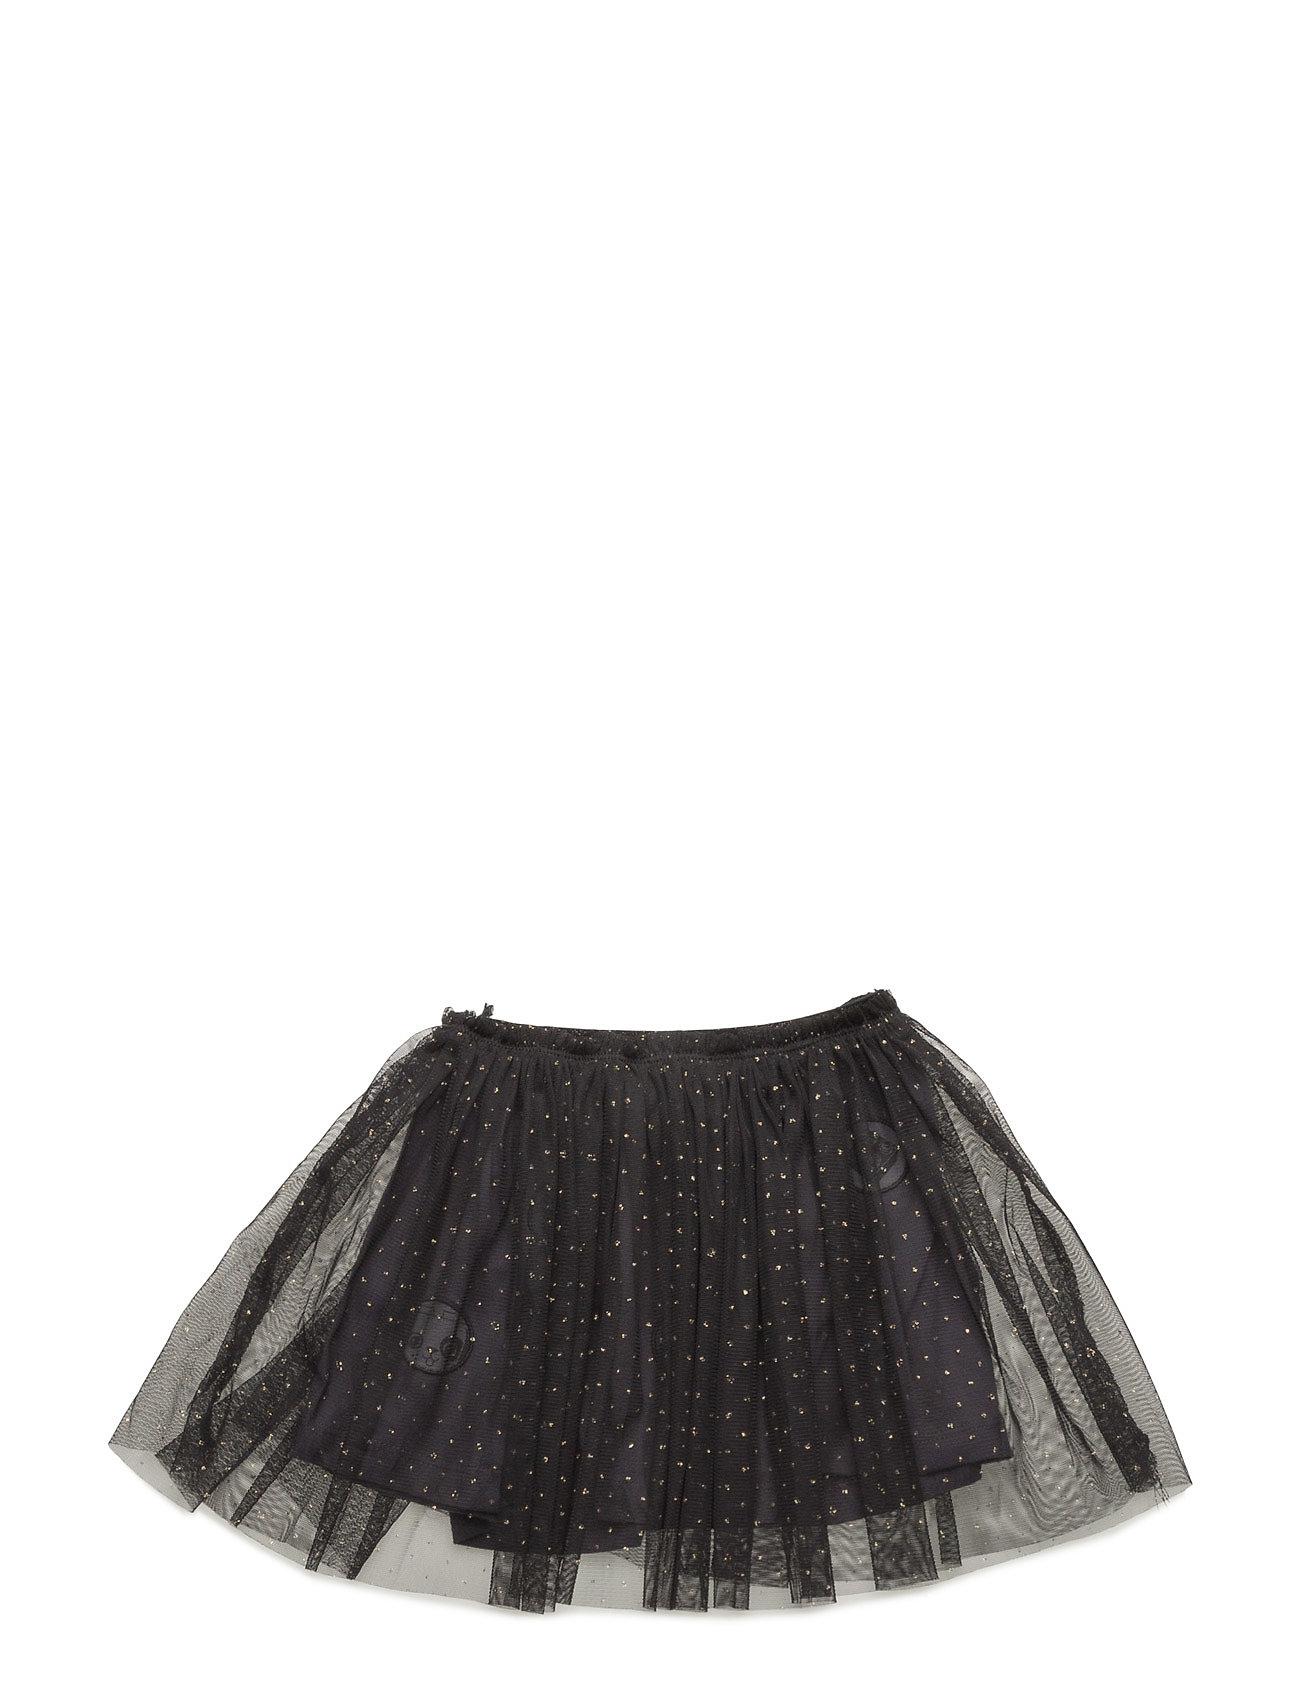 Diana 703 - Skirt (Tulle) Lego wear Nederdele til Børn i Sort